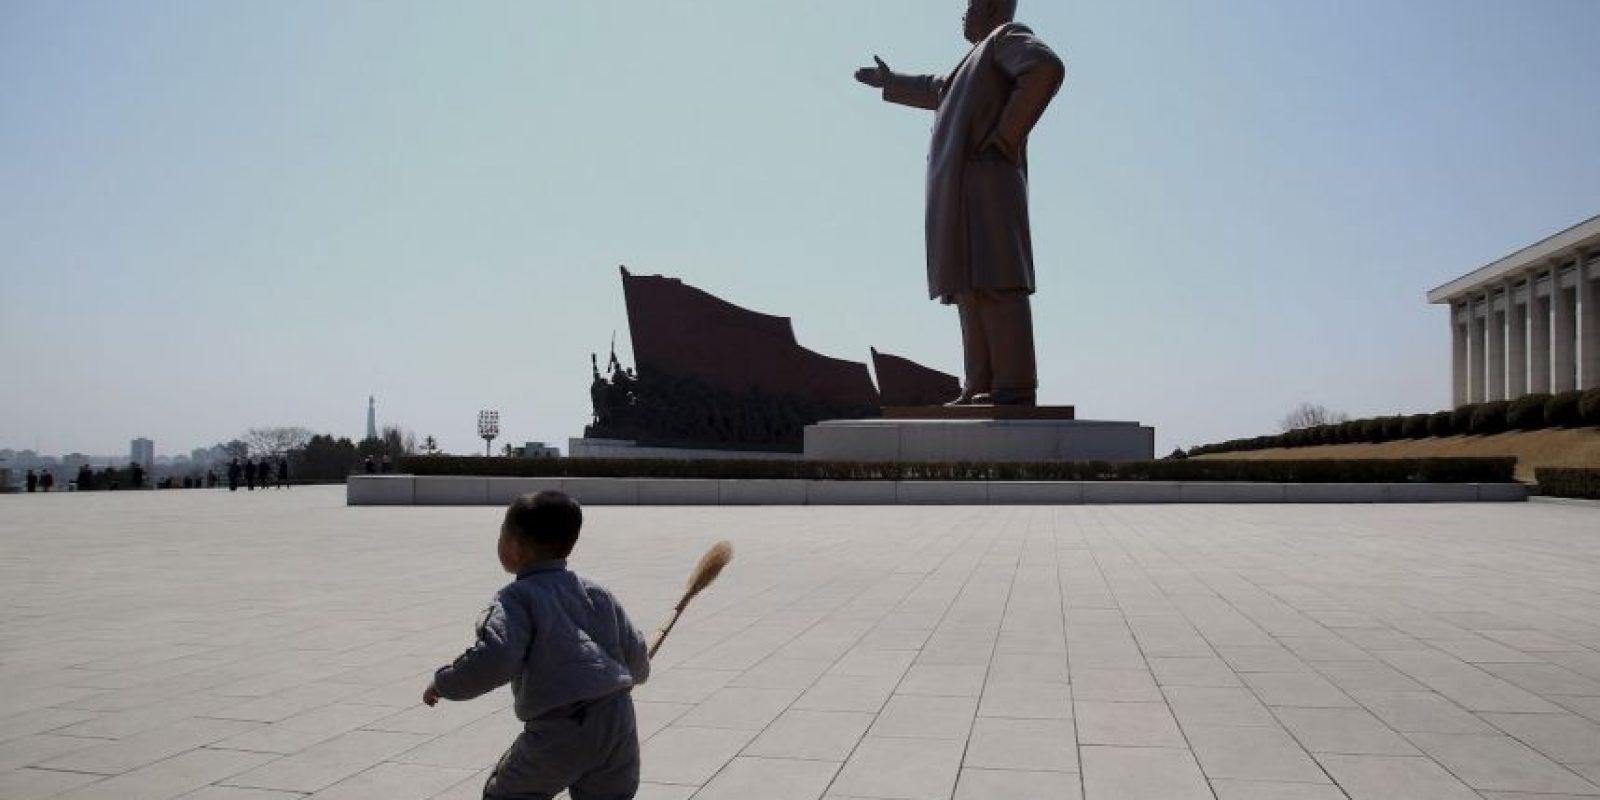 Es gobernado desde 2011 por Kim Jong-un Foto:Getty Images